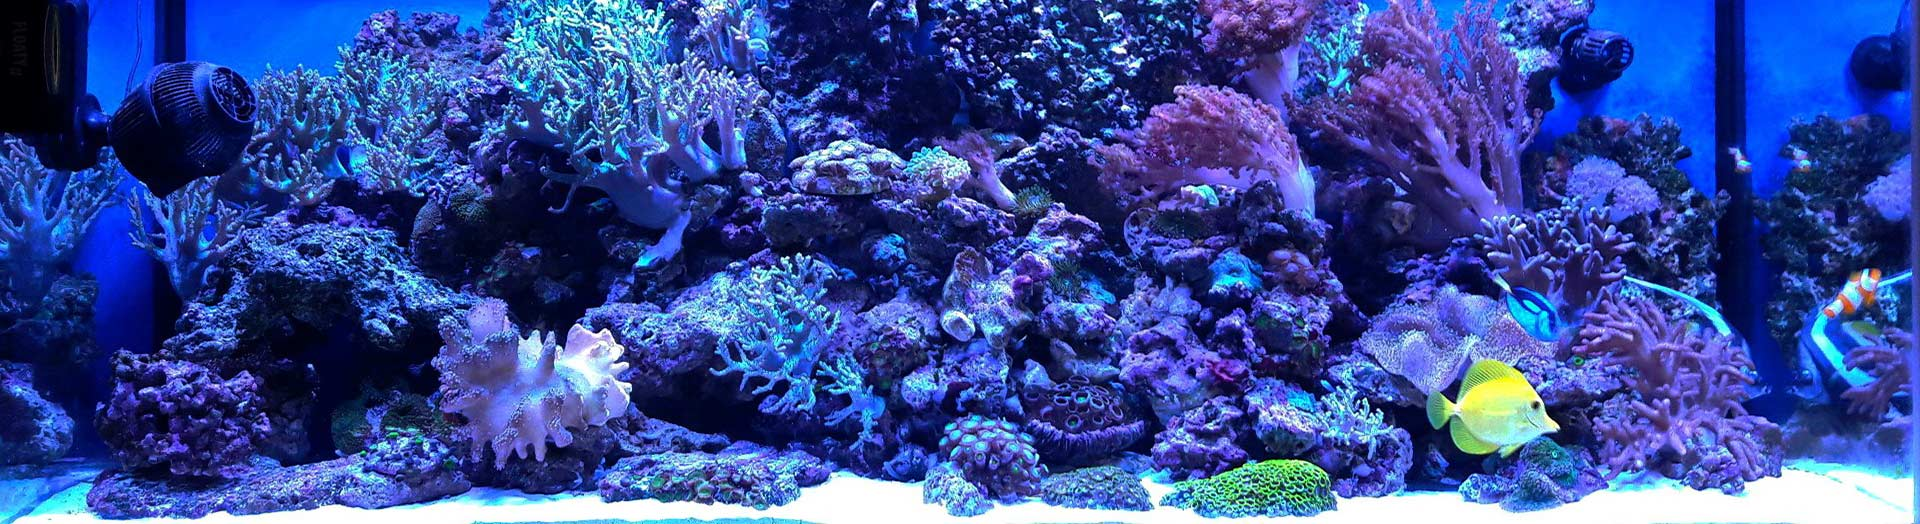 Освещение для морского аквариума